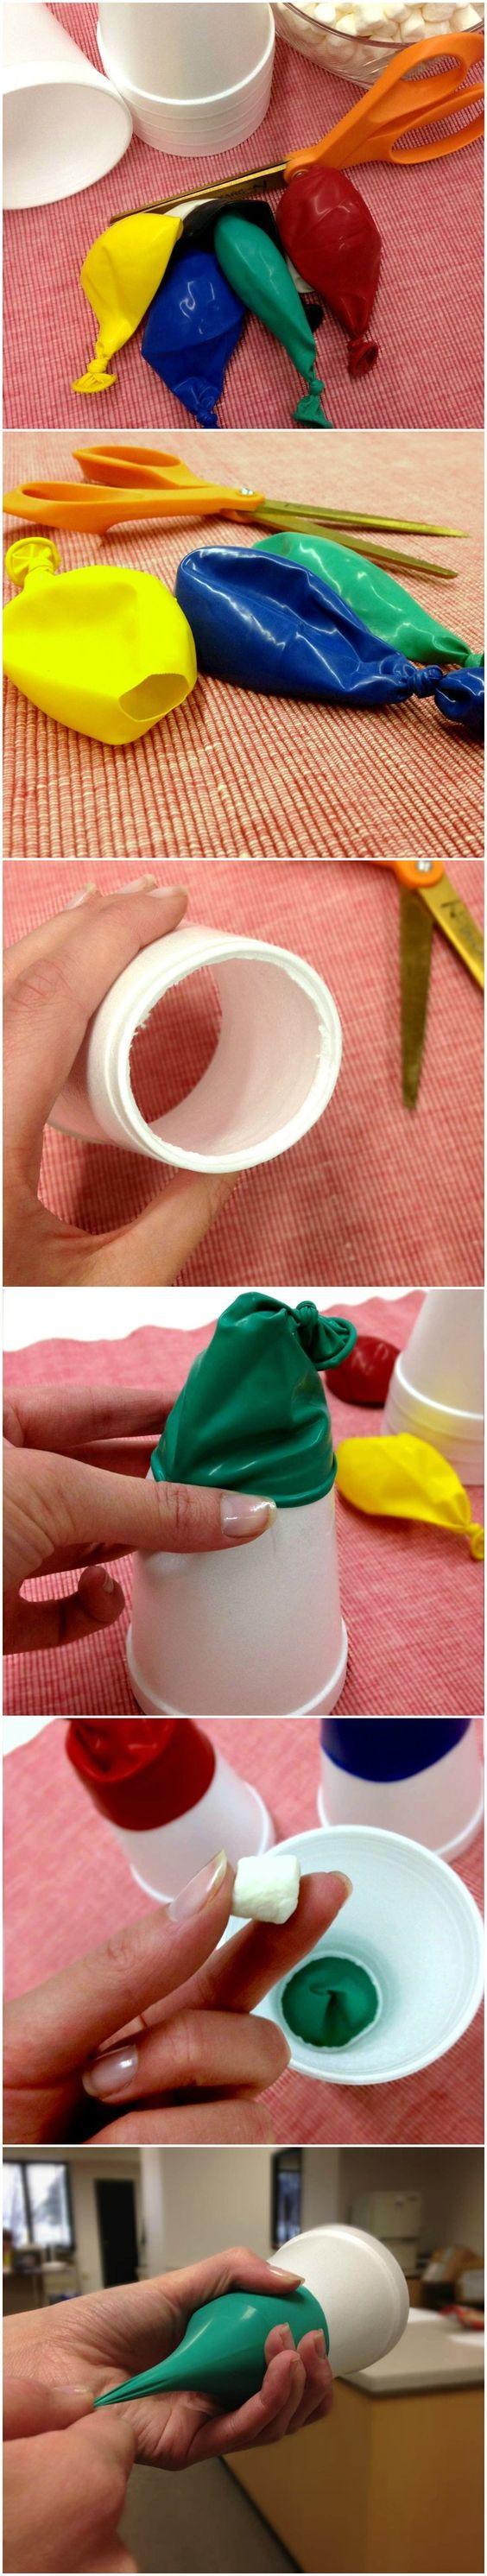 Cañones para Marshmallows: hechos con globos de fiesta y vasos desechables. La explicación gráfica en este pin :-)